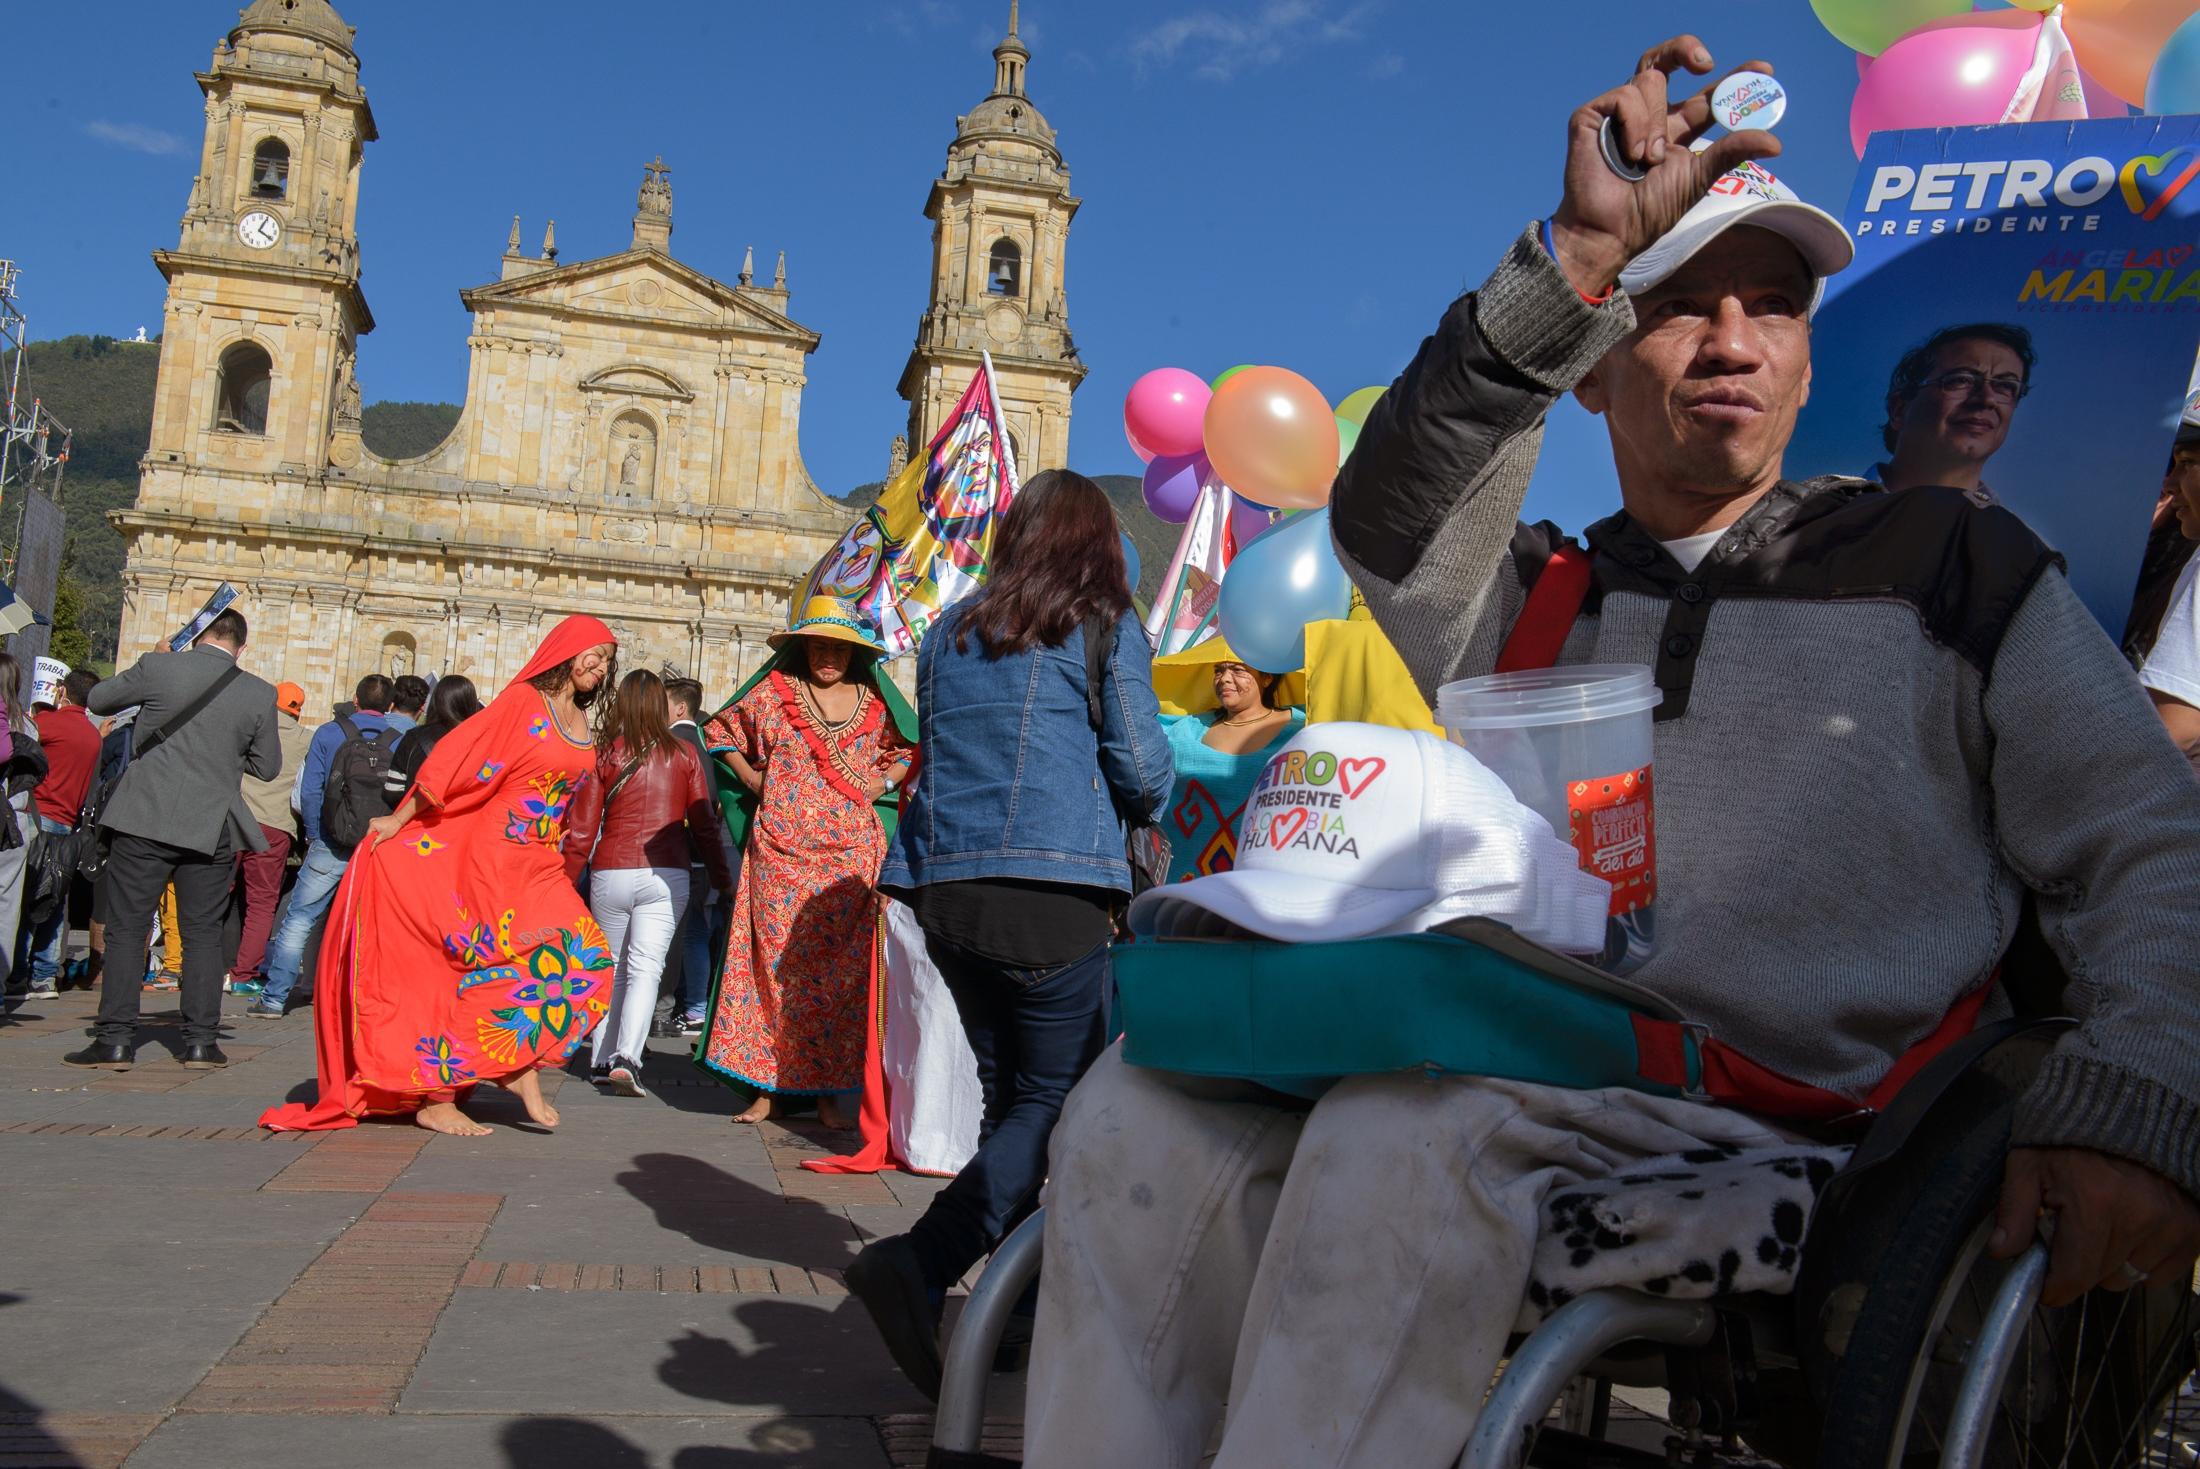 (EN) May 17, 2018 - Bogota, Colombia. Closing rally of the Colombian presidential candidate Gustavo Petro. (ES) 17 de mayo, 2018 - Bogotá, Colombia. Cierre de campaña del candidato a la presidencia Gustavo Petro.